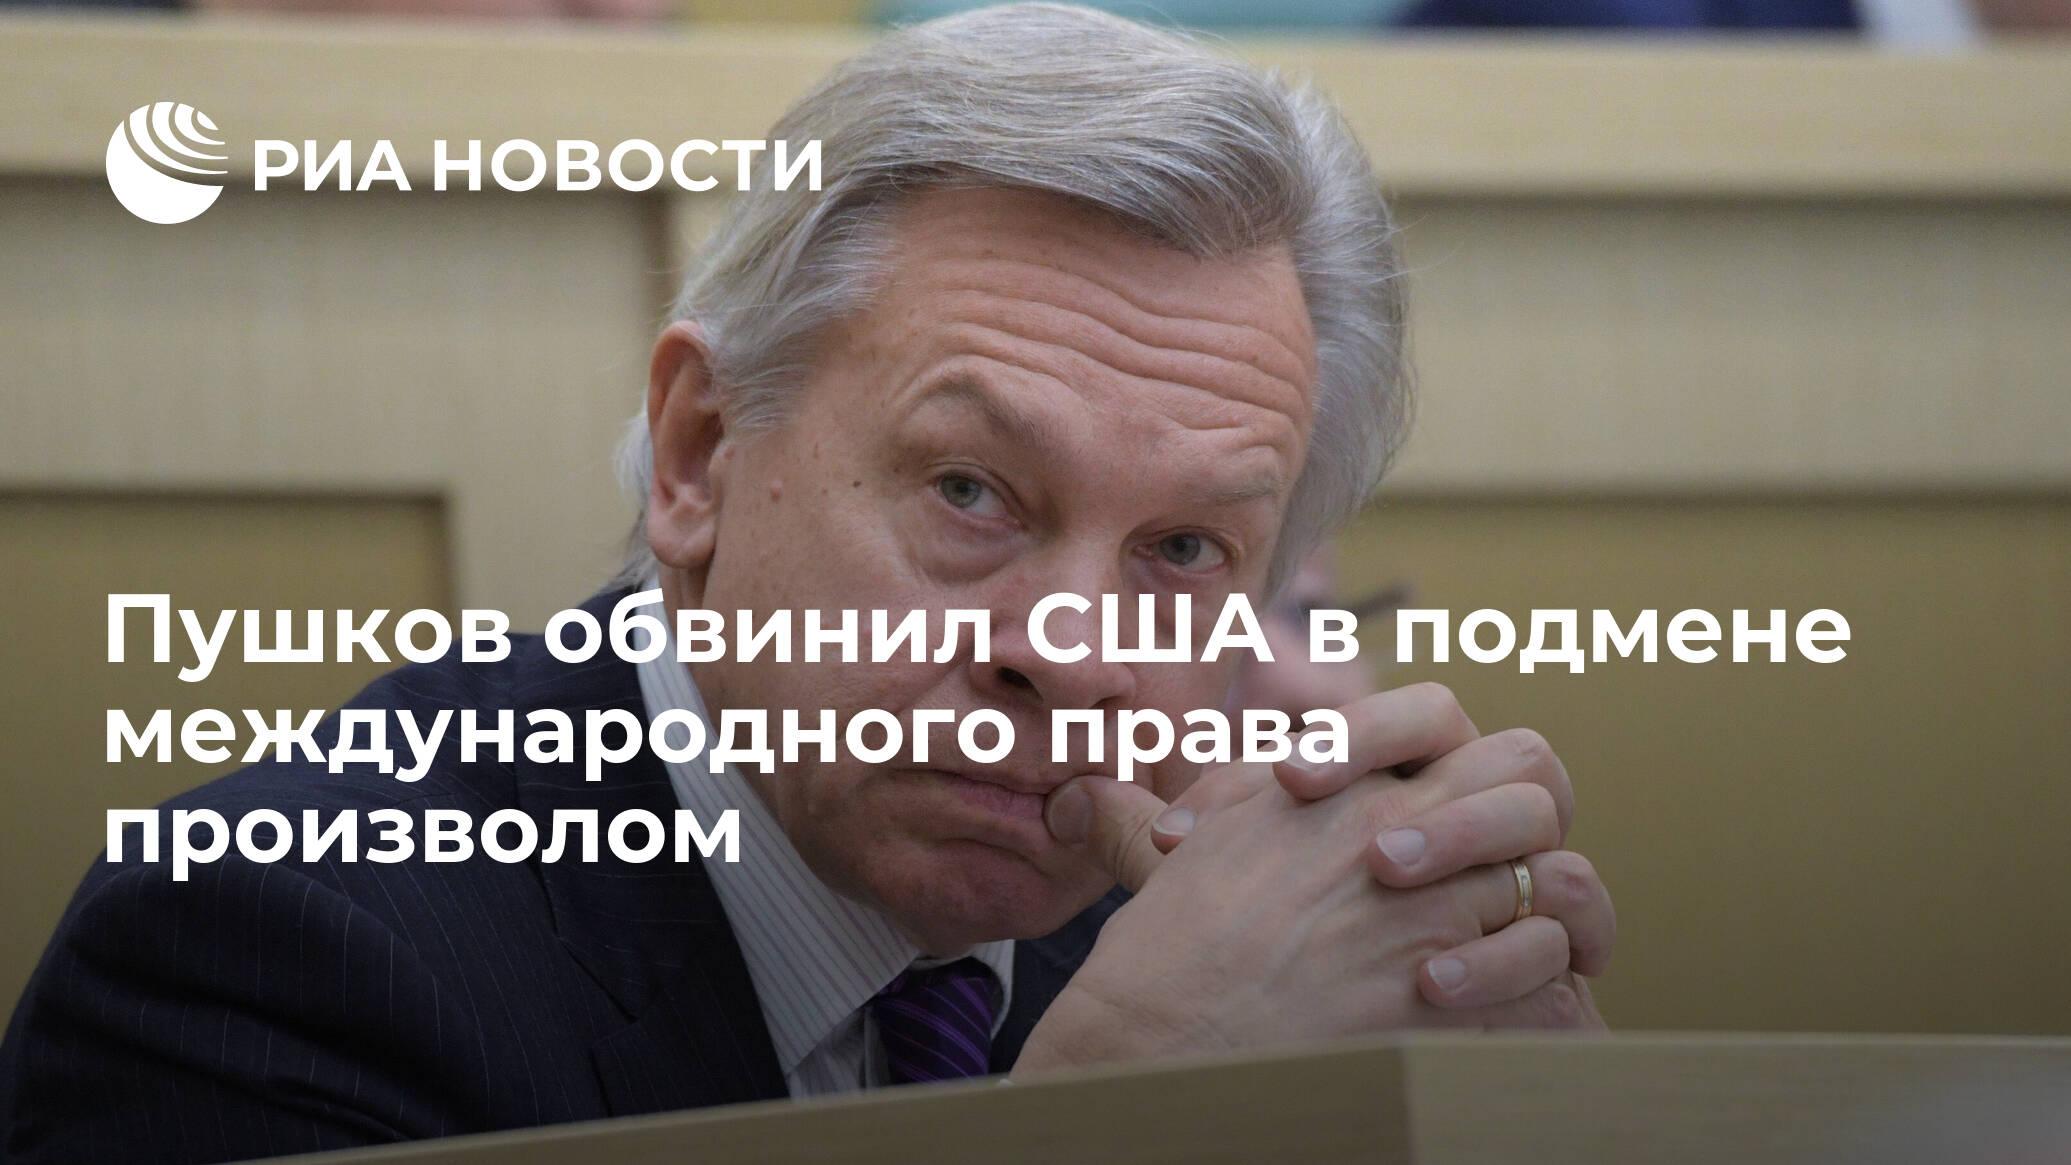 Пушков обвинил США в подмене международного права произволом